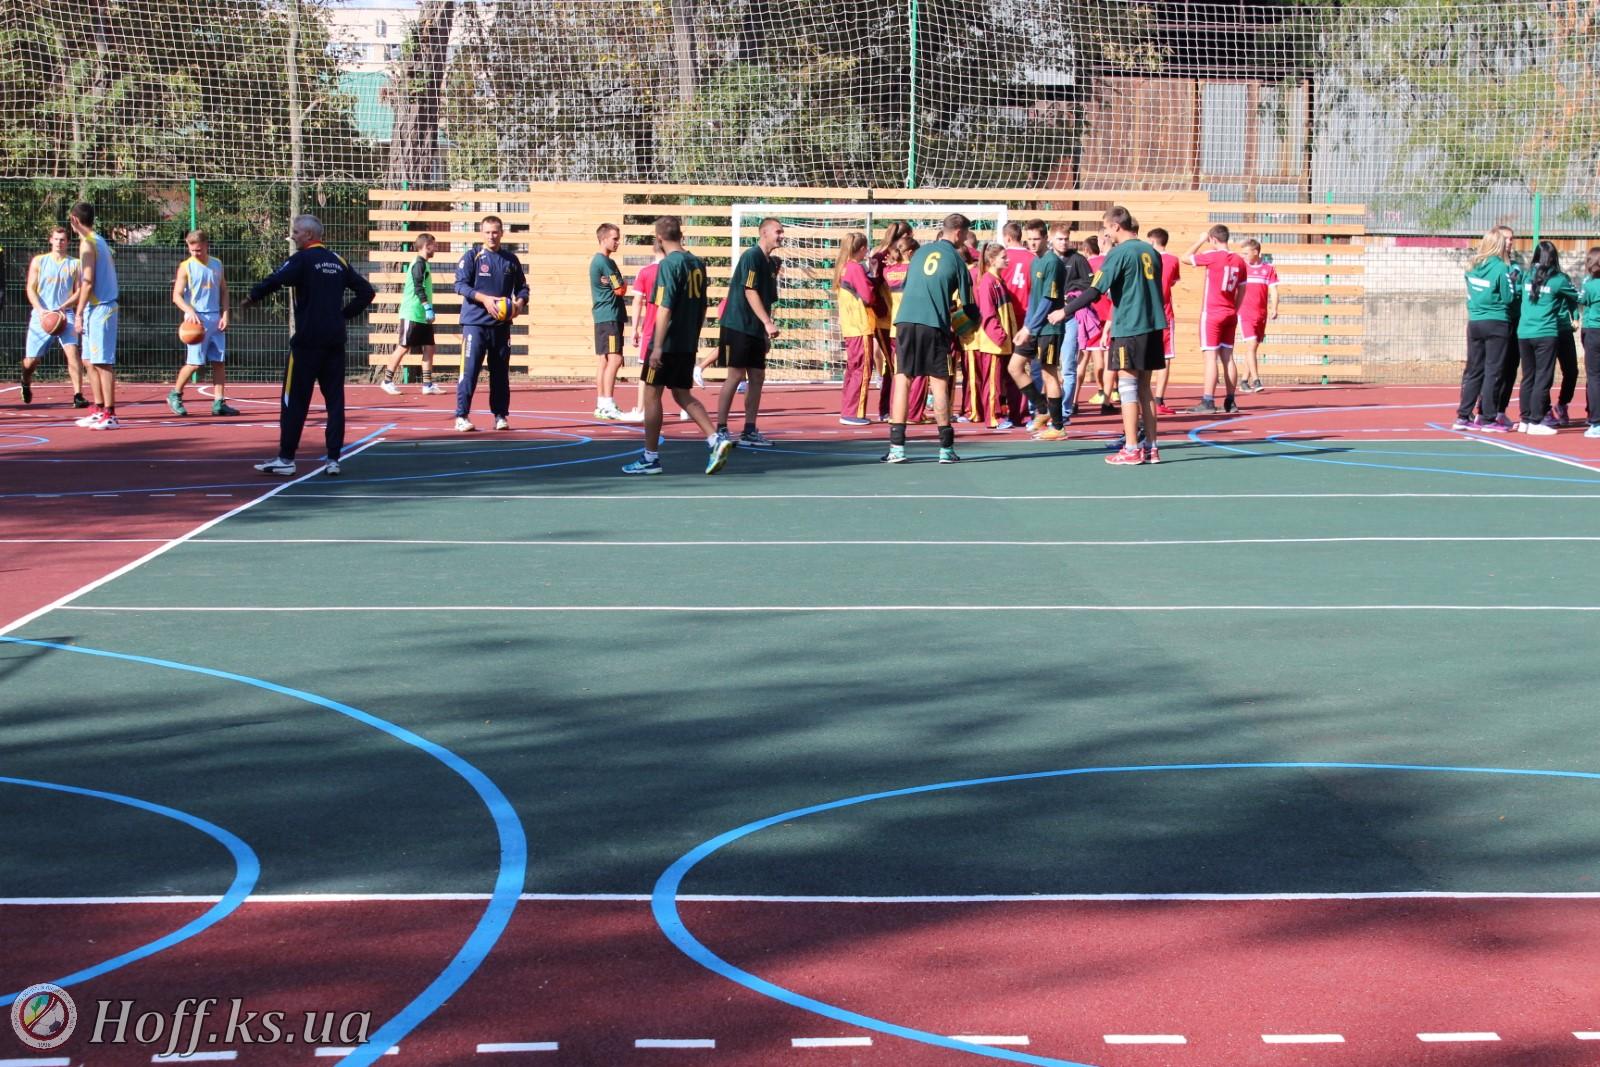 11 жовтня у Херсонському державному університеті відбулося урочисте відкриття нового спортивного майданчика зі штучним покриттям.